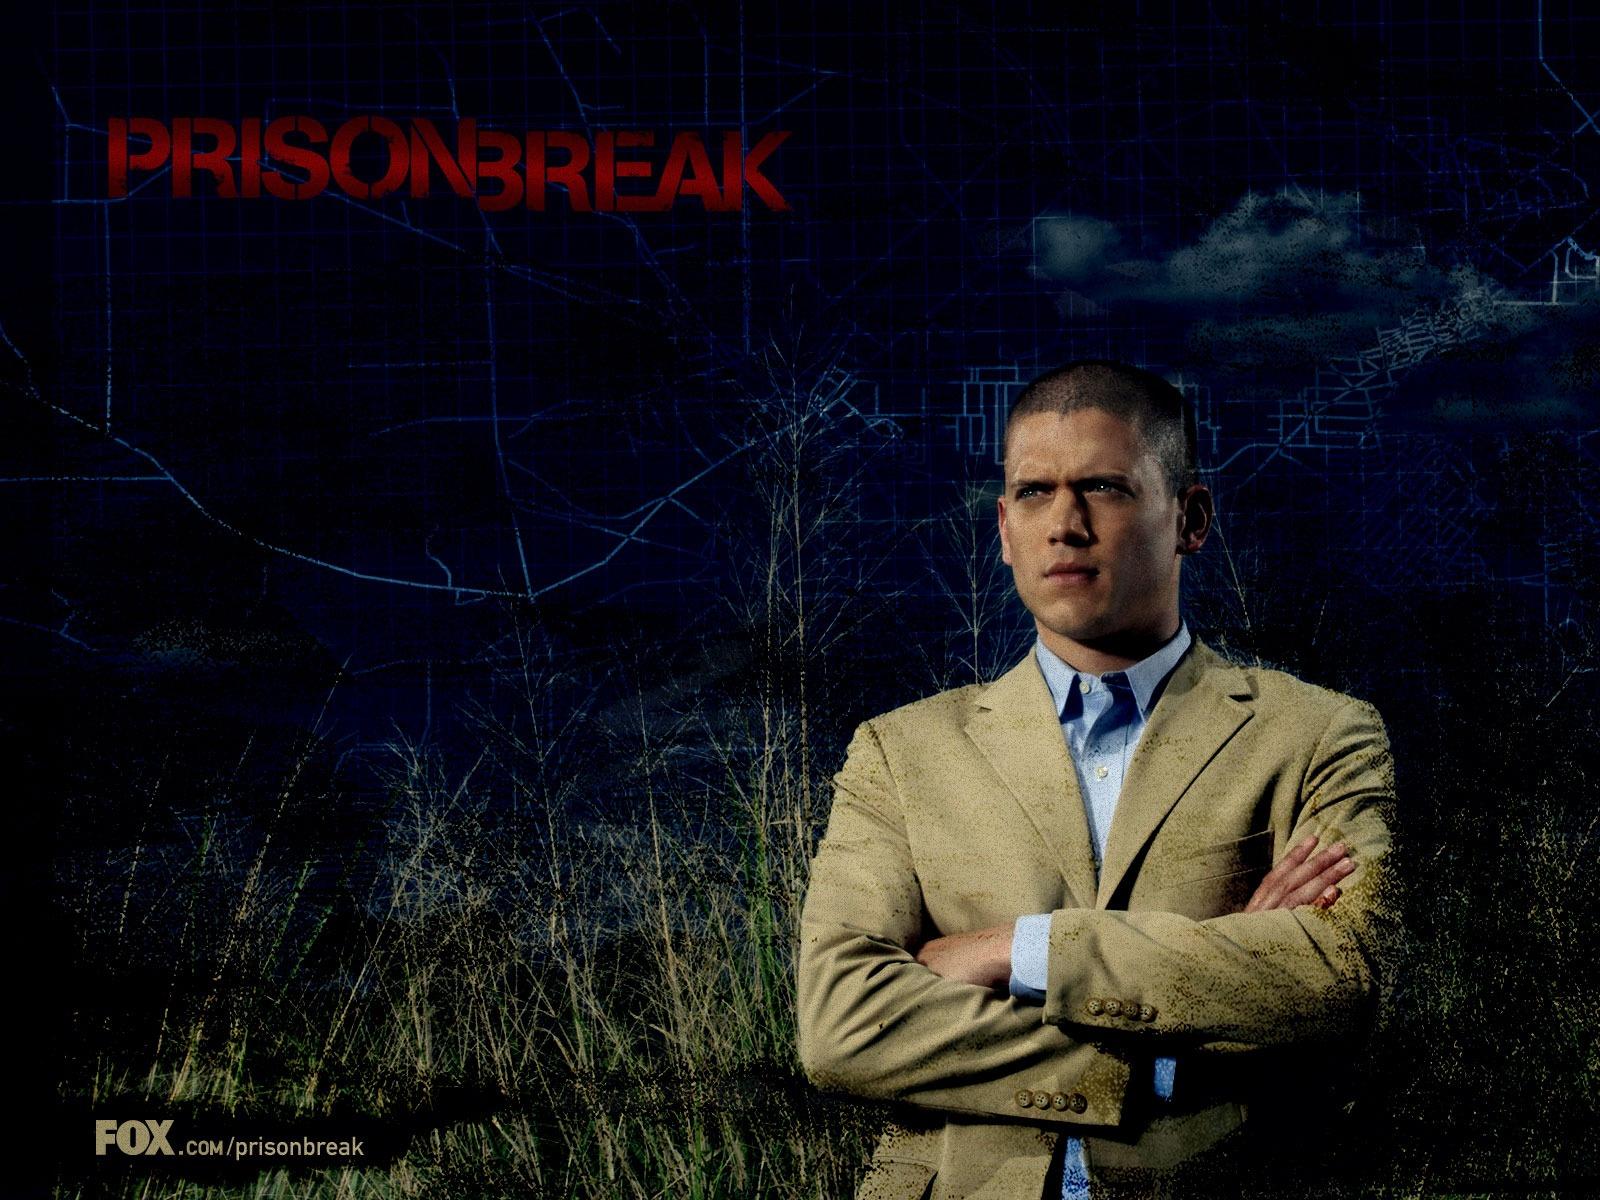 Michael scofield wallpaper prison break movies wallpapers in jpg.